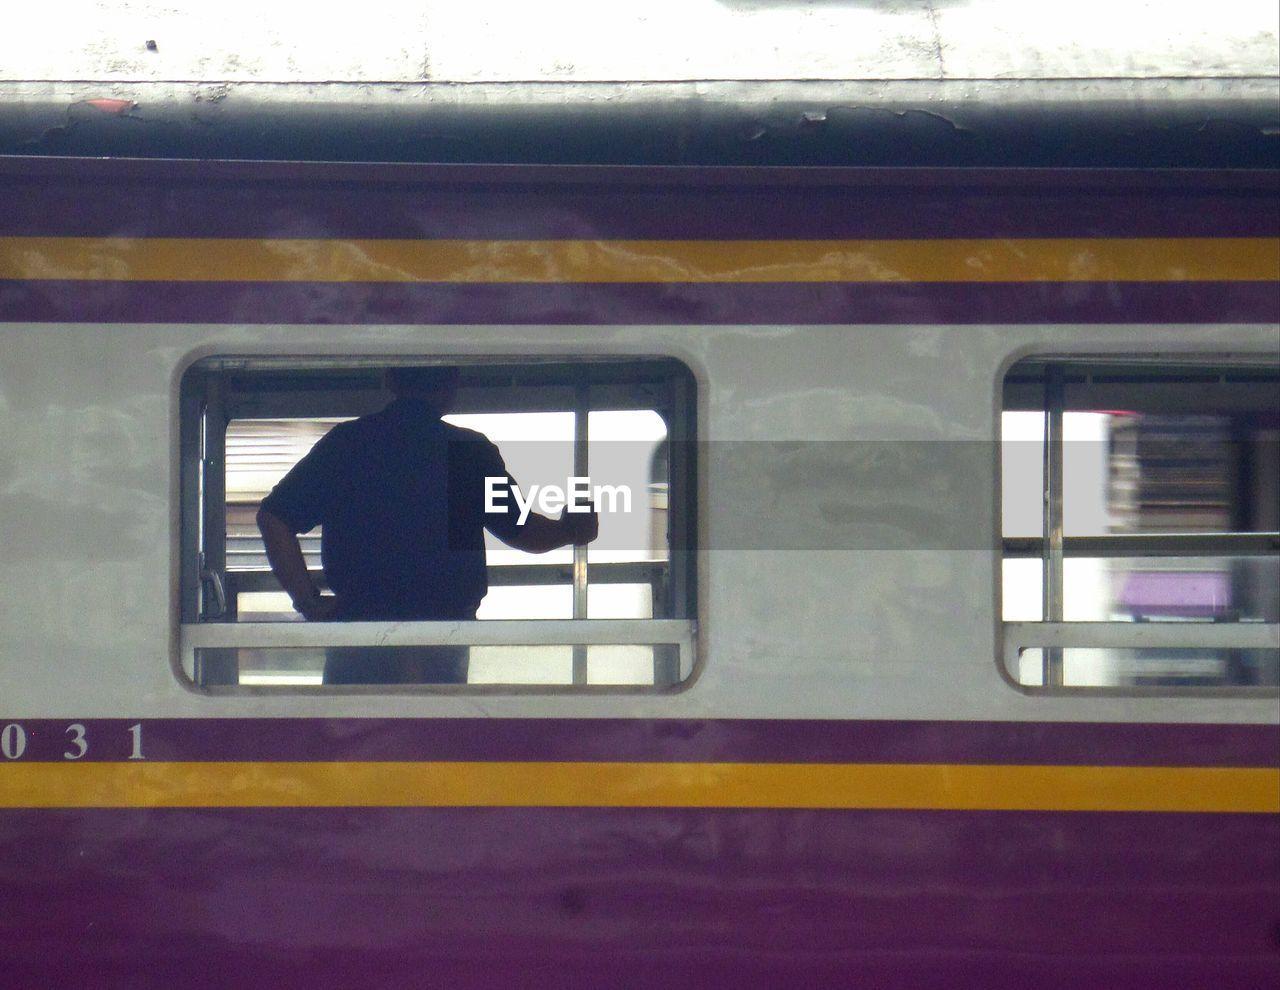 MAN AND TRAIN AT RAILROAD STATION